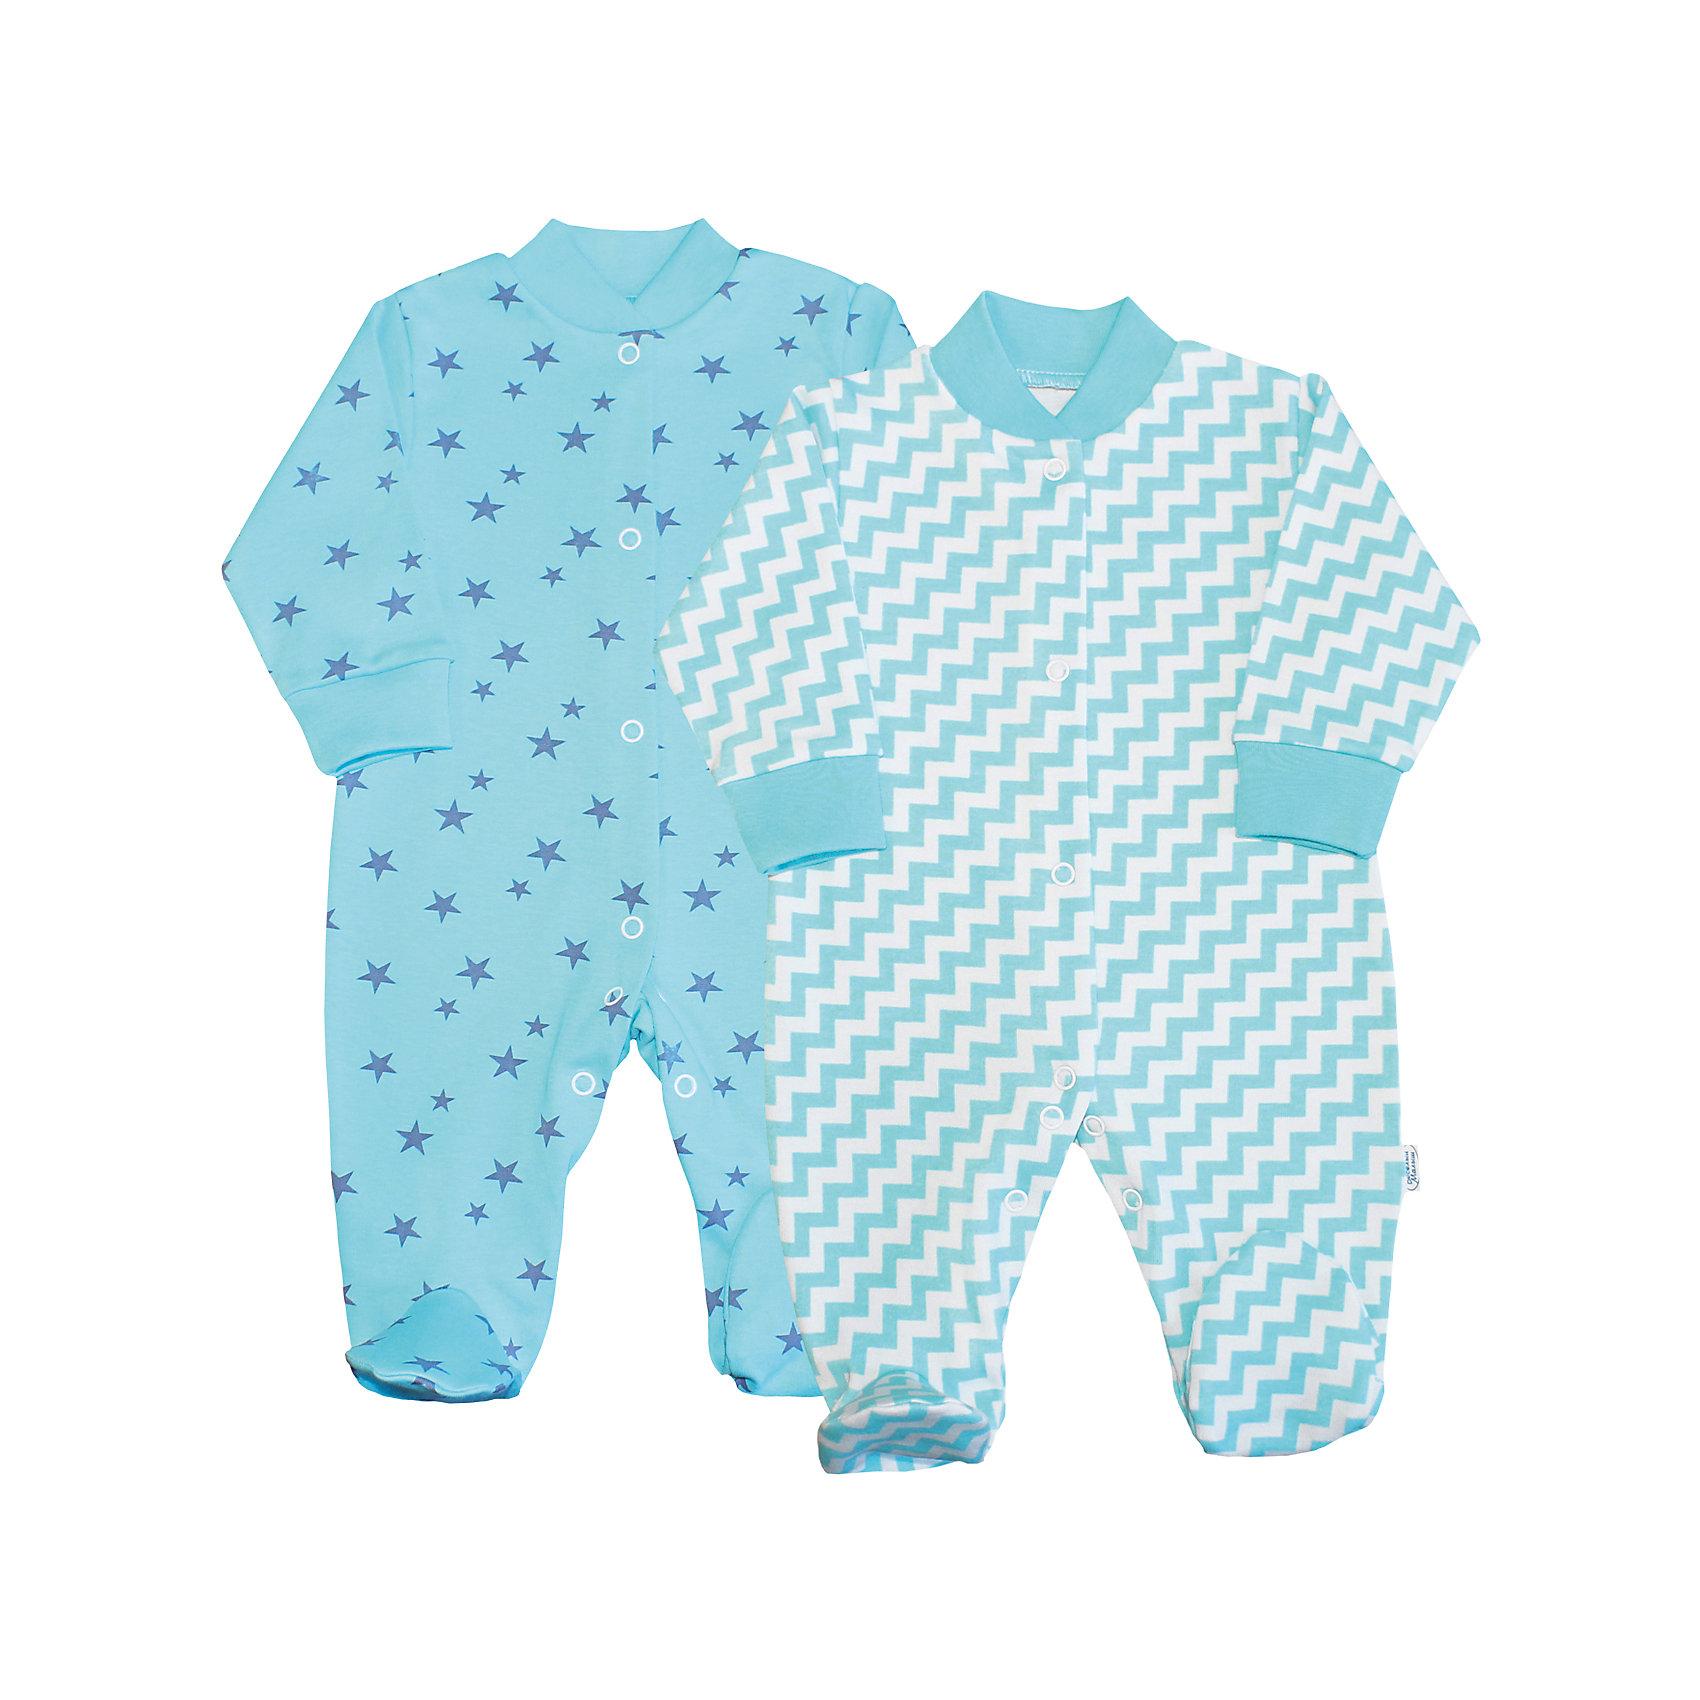 Комбинезон для мальчика, 2 шт. Веселый малышКомбинезоны<br>Одежда для малышей должна быть удобной и качественной - это один из необходимых факторов для правильного развития и хорошего самочувствия ребенка.<br>Эти комбинезоны отличаются высоким качеством швов, продуманным кроем, что позволяет им хорошо фиксироваться на теле малыша, не сползать и не натирать. Застежки - удобные кнопки, которые не мешают ребенку. Материал - интерлок. Это плотная ткань из натурального хлопка, гладкая, приятная на ощупь, дышащая и гипоаллергенная. Расцветка изделий позволяет легко комбинировать их с различной одеждой. В наборе - два комбинезона разных цветов.<br><br>Дополнительная информация:<br><br>материал: 100% хлопок интерлок;<br>застежки: кнопки;<br>длинный рукав;<br>комплектация: 2 комбинезона.<br><br>Комплект комбинезонов от бренда Веселый малыш можно купить в нашем магазине.<br><br>Ширина мм: 157<br>Глубина мм: 13<br>Высота мм: 119<br>Вес г: 200<br>Цвет: бирюзовый<br>Возраст от месяцев: 6<br>Возраст до месяцев: 9<br>Пол: Мужской<br>Возраст: Детский<br>Размер: 74,68,62,56,80<br>SKU: 4810256